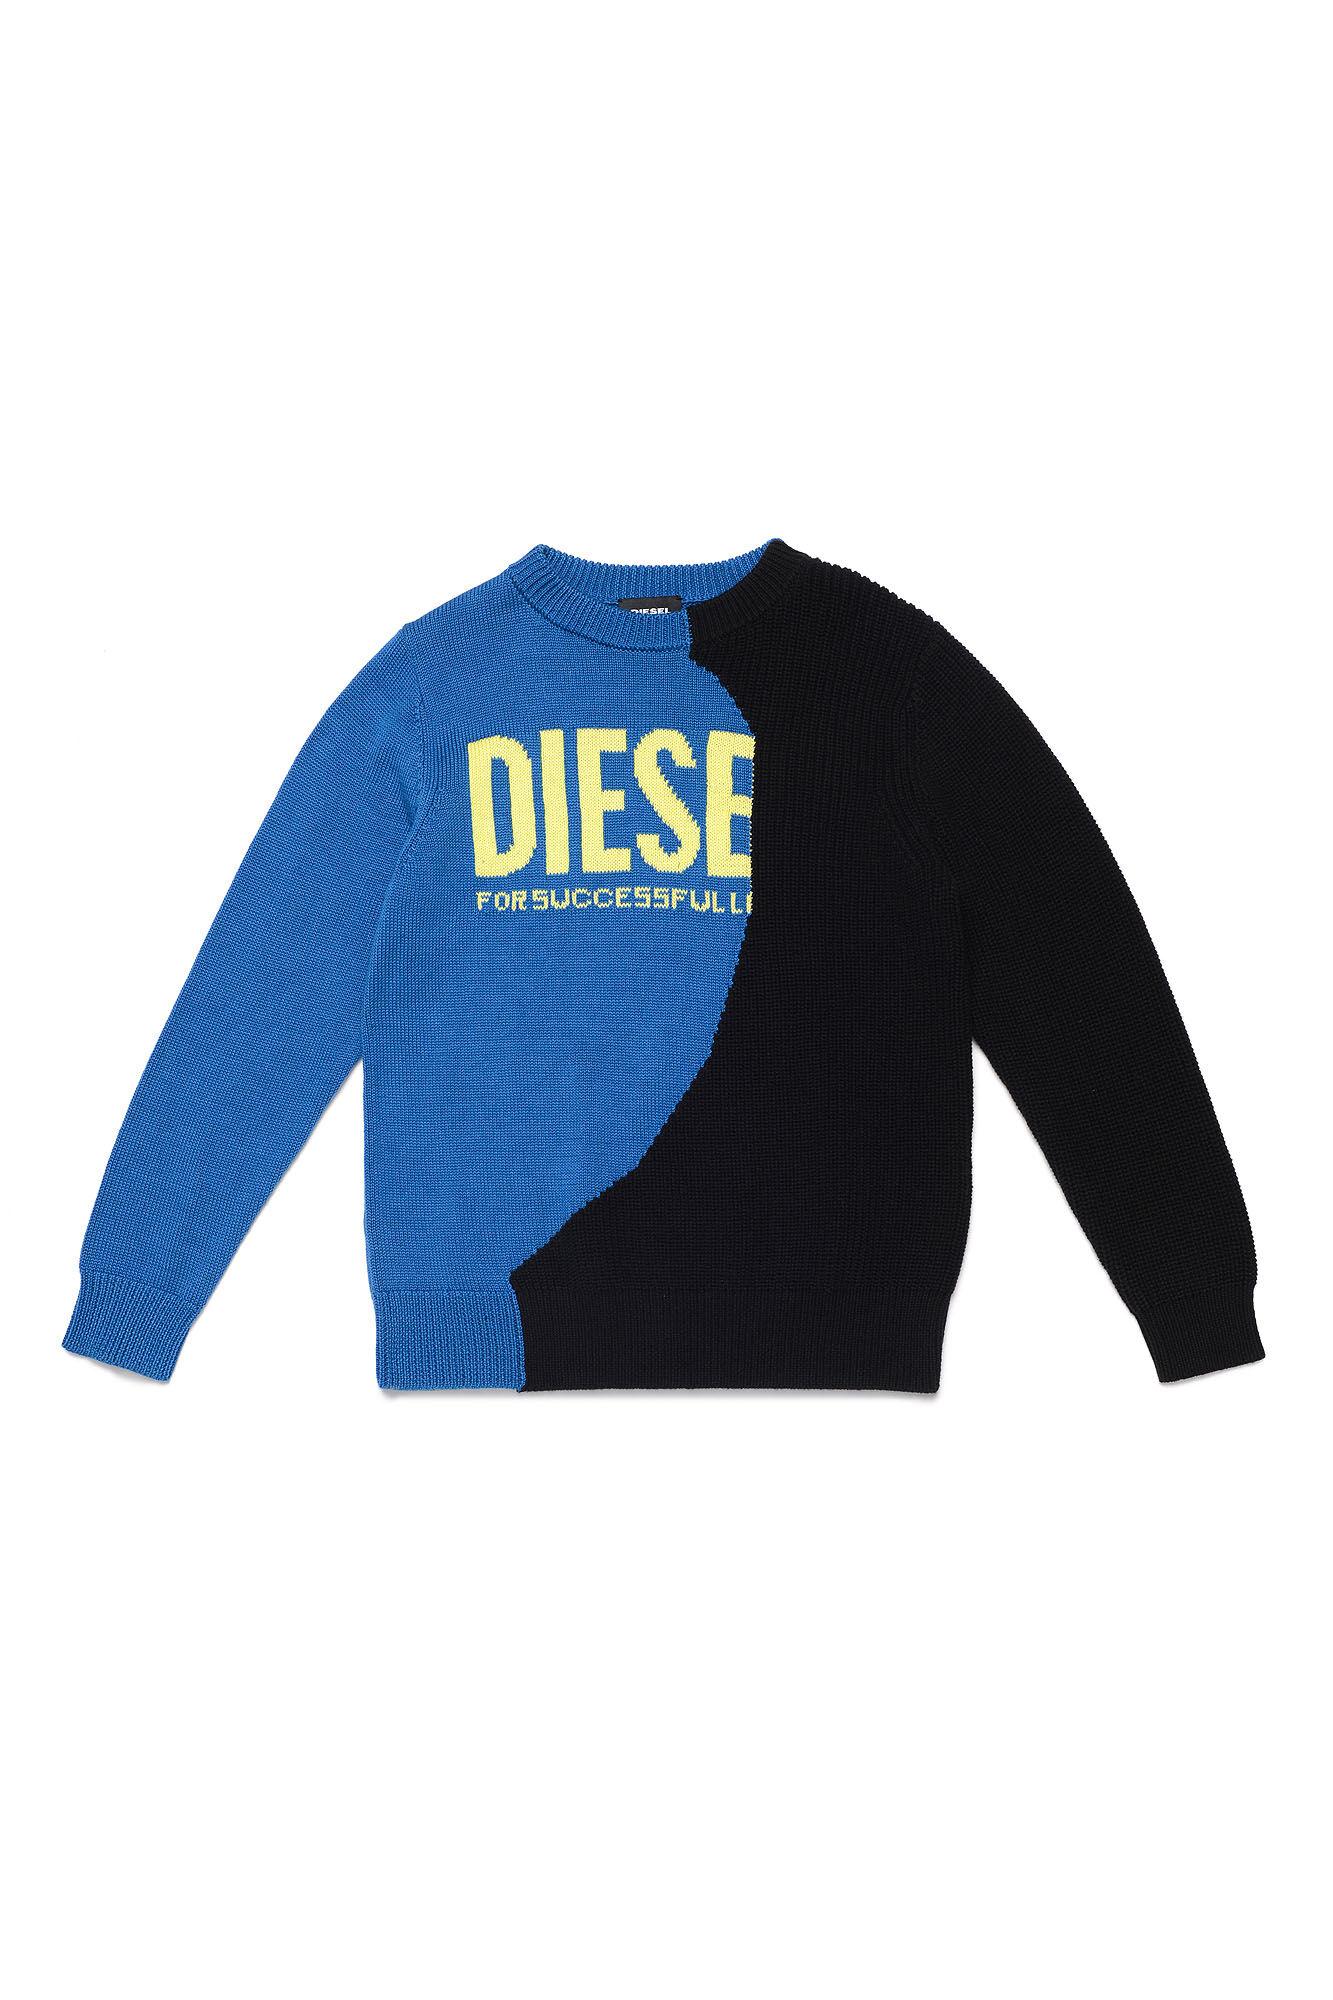 Khalf Jersey - Diesel Kid